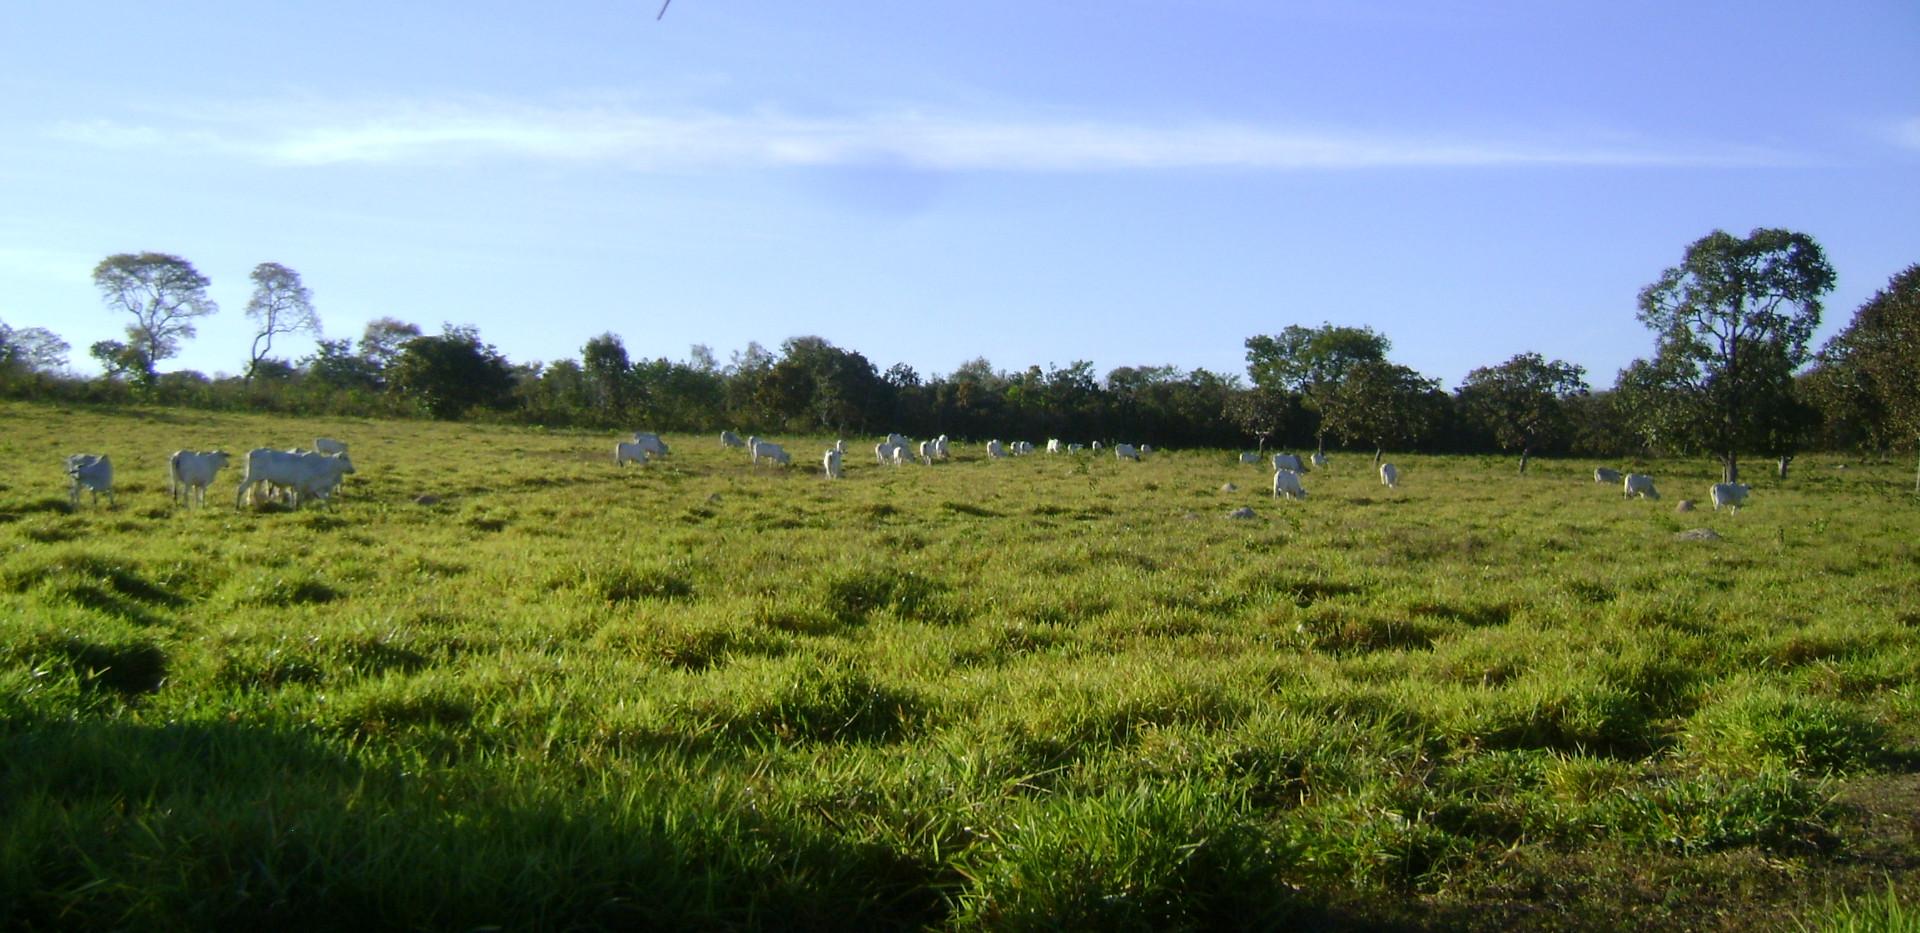 fazenda_campoverde_matogrosso (2).JPG